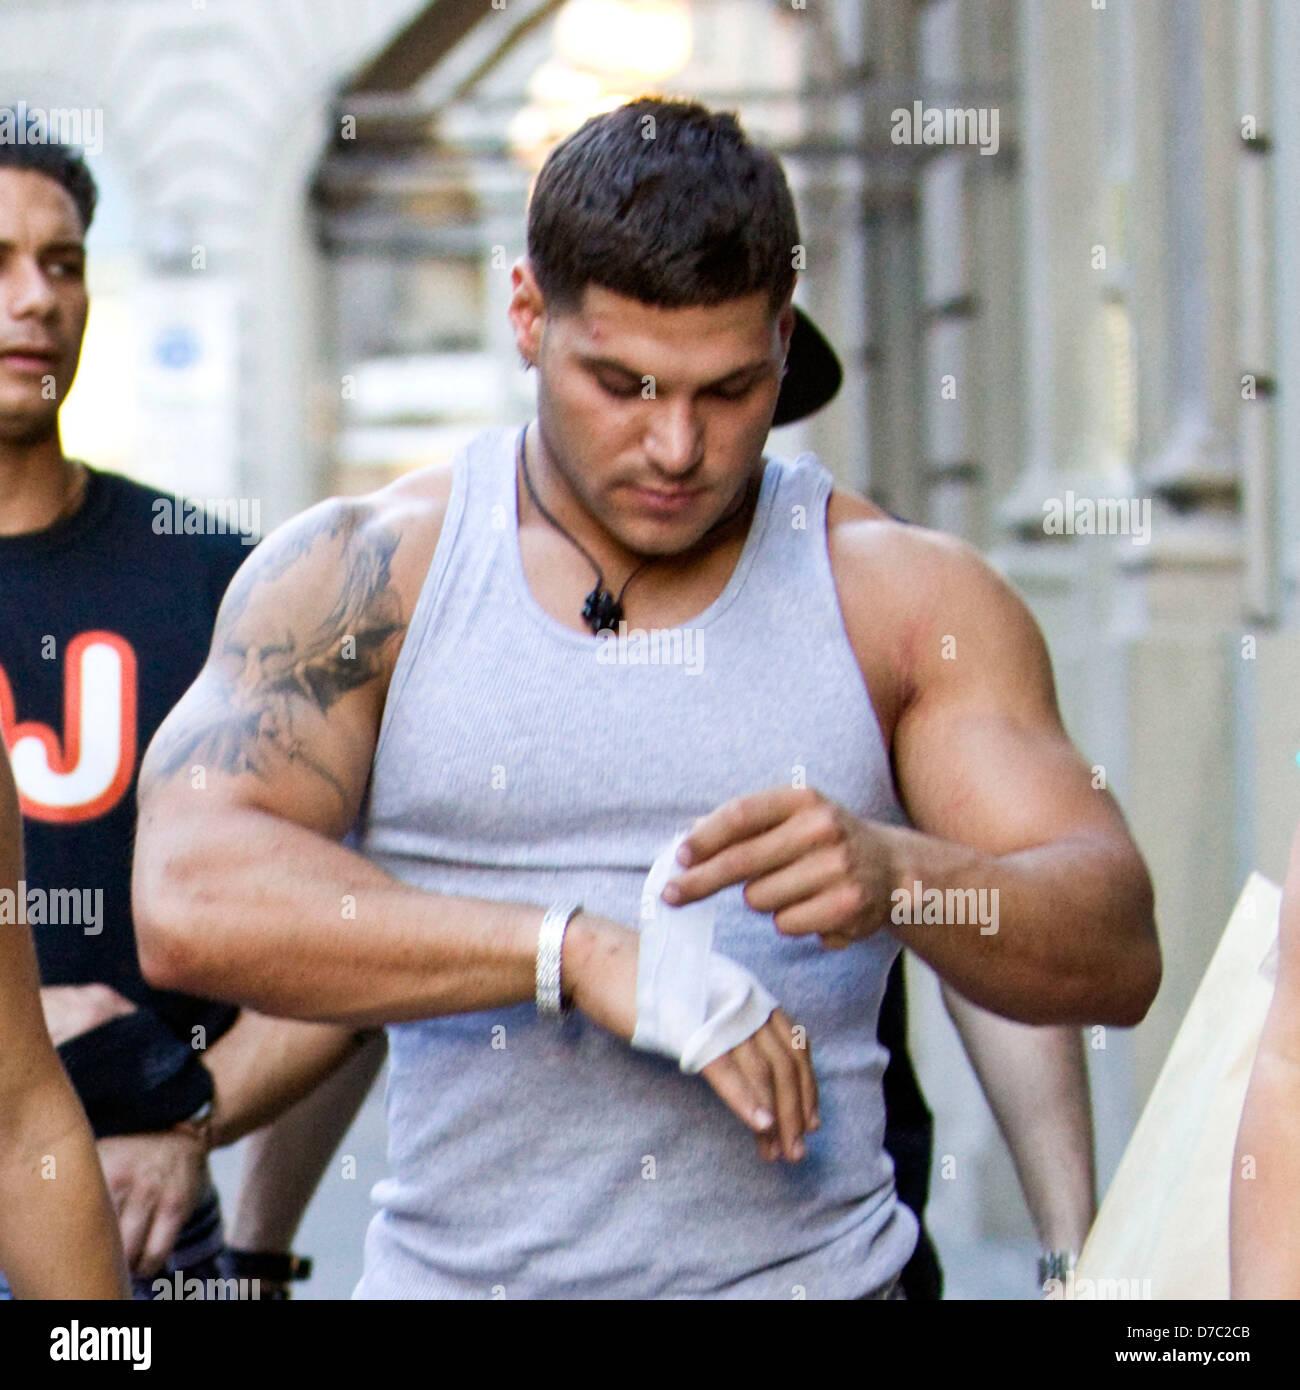 Ronnie Ortiz Magro Gilt Eine Bandage Fur Seine Geschnittenen Hand Nachdem Angeblich Stanzen Mike The Situation Sorrentino Im Kopf